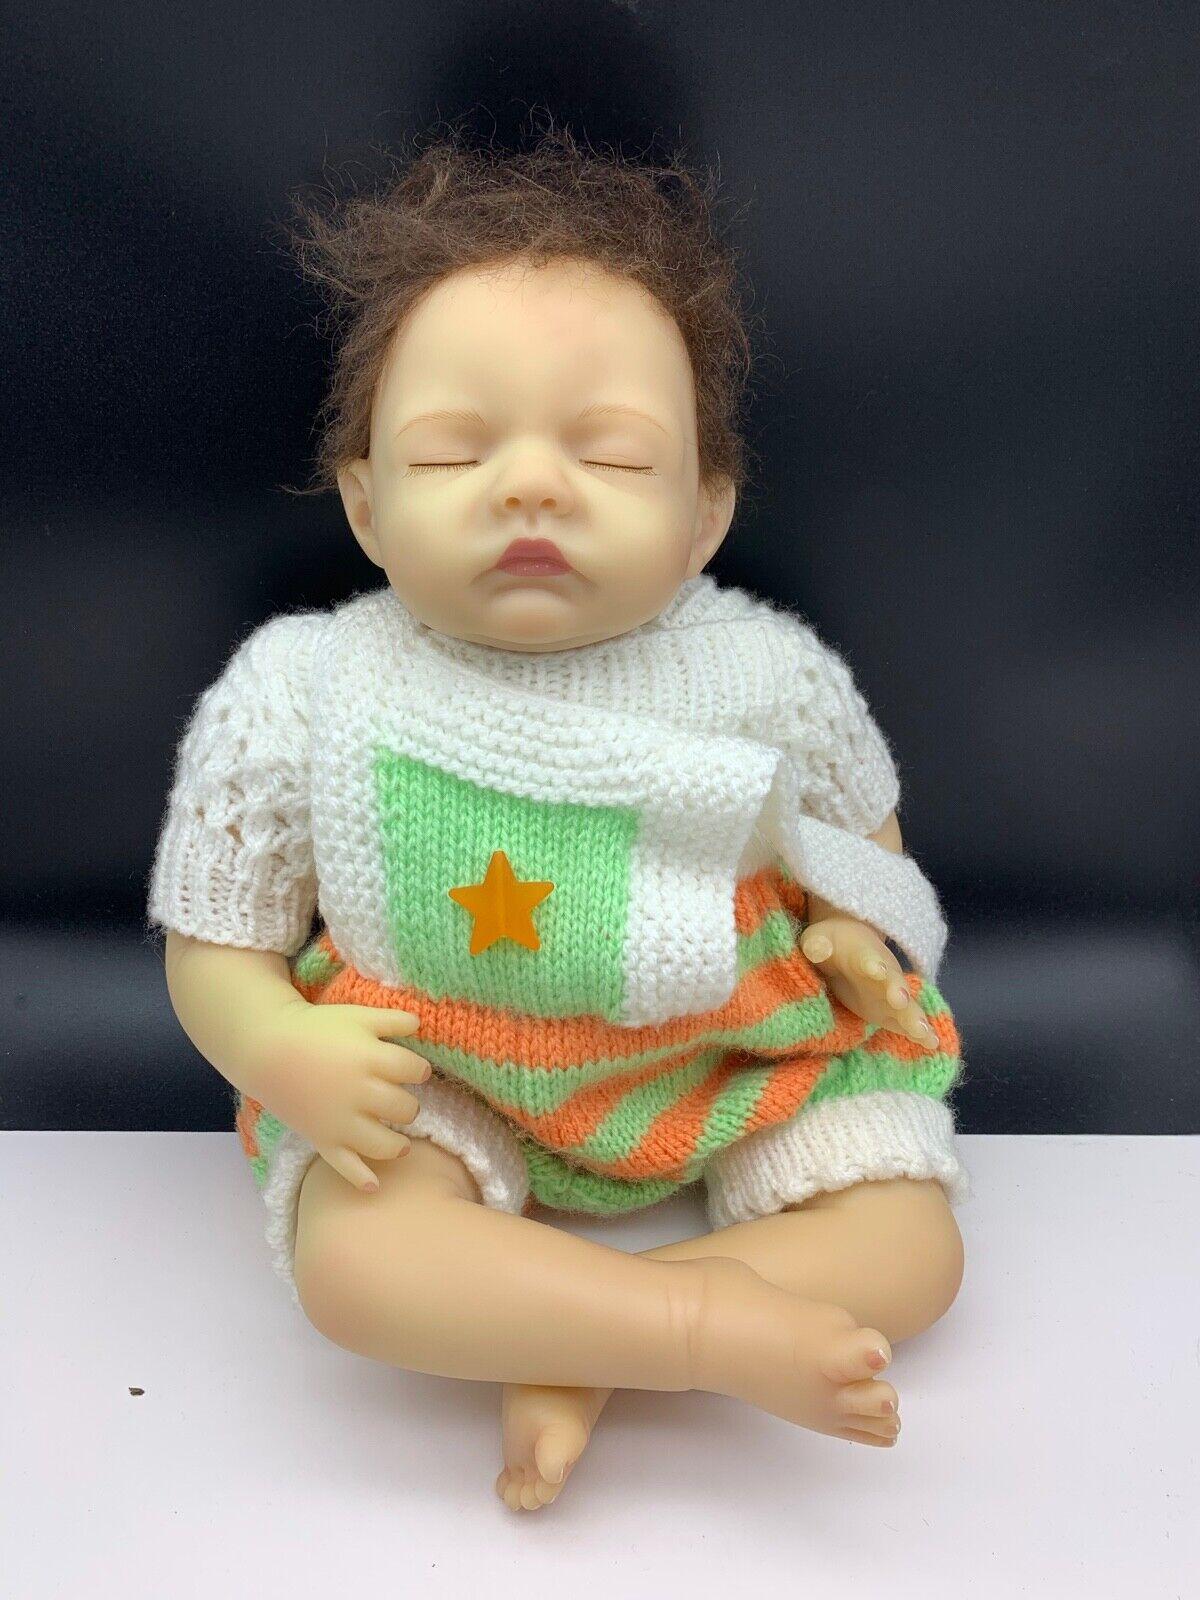 Bonnie Chyle Bambola D'Autore Plastica Bambola 46 Cm. Ottime Condizioni